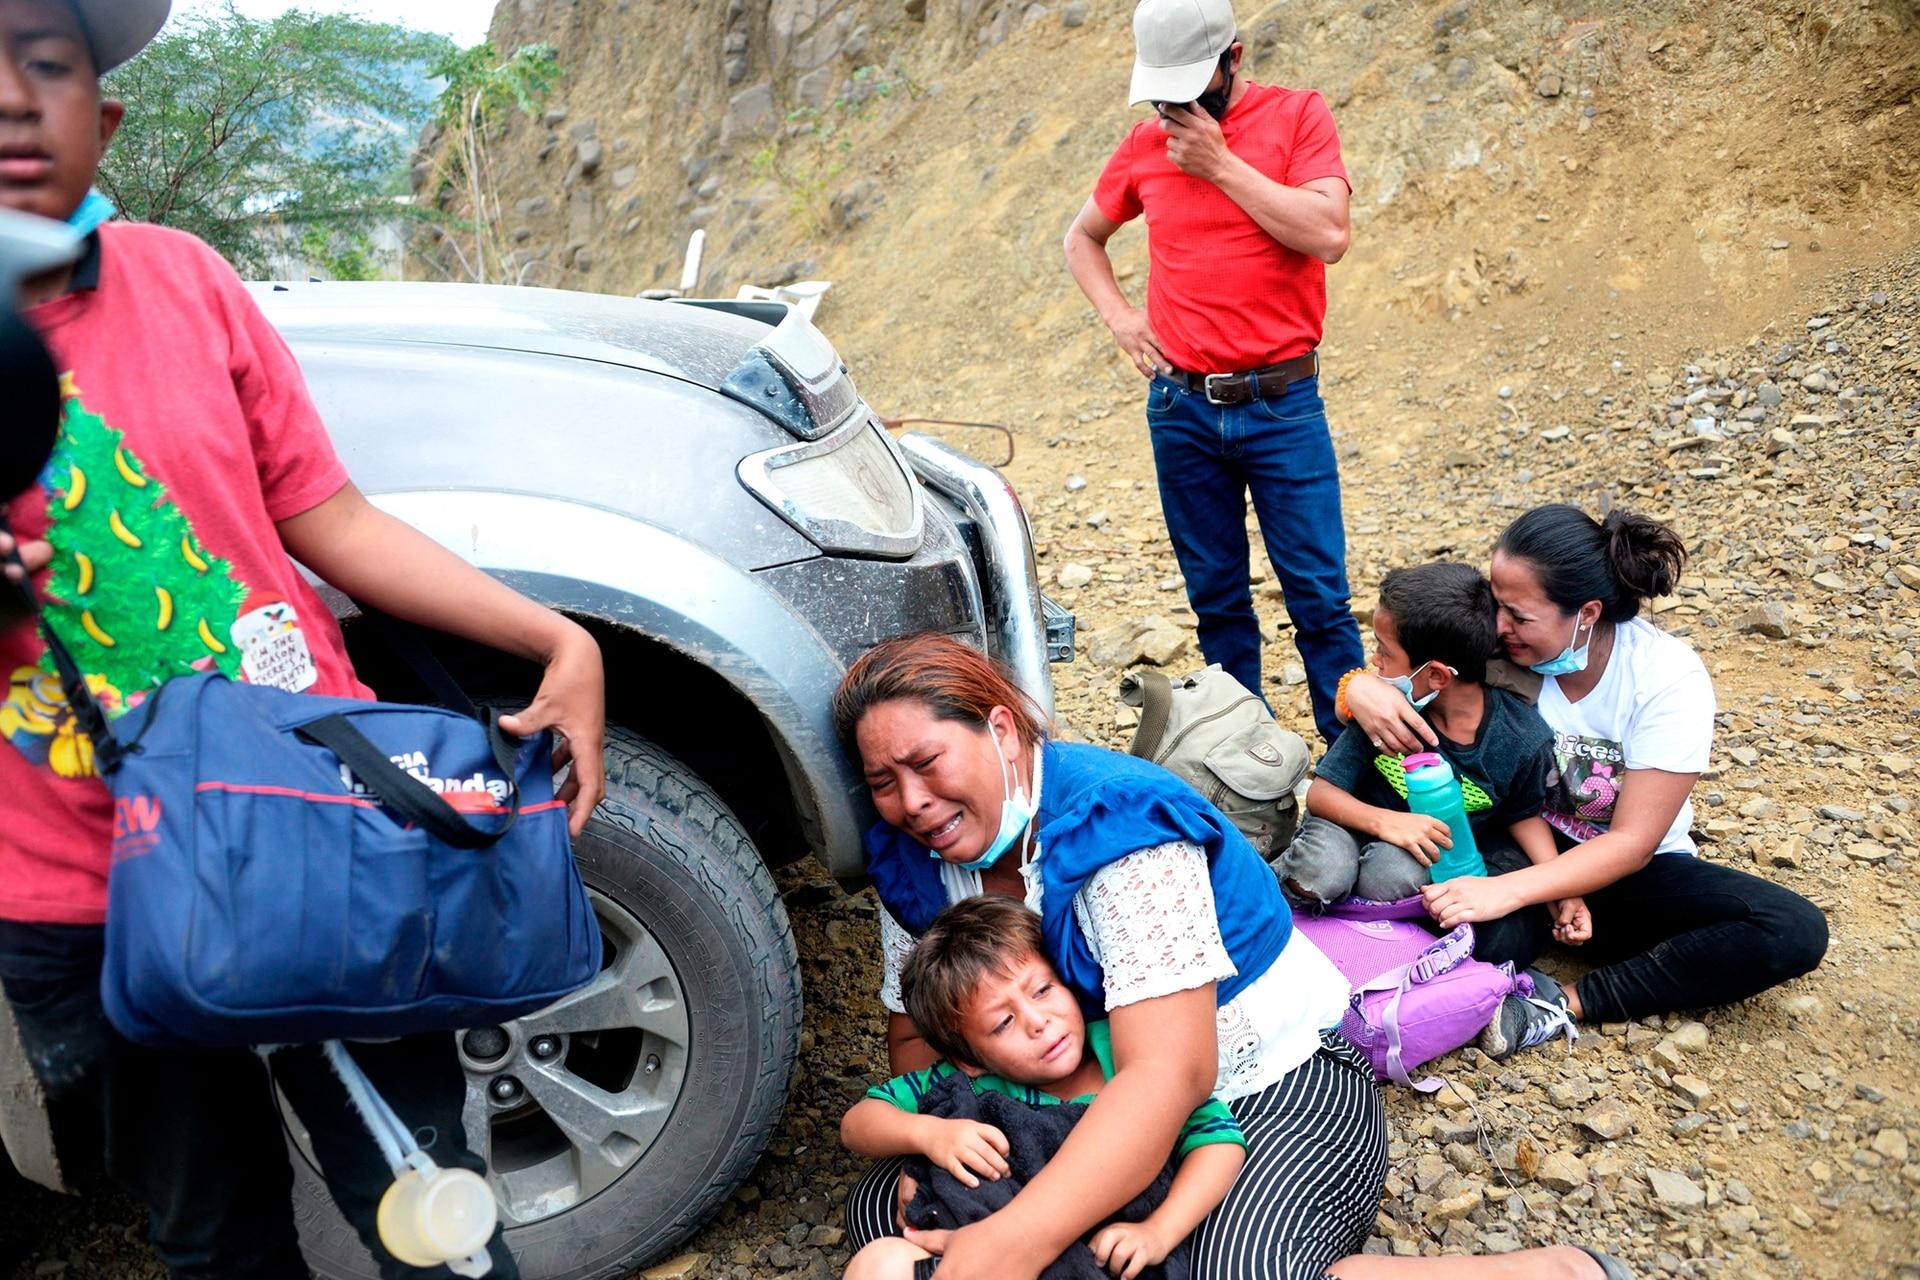 El dolor de las mujeres migrantes y sus niños mientras las fuerzas de seguridad intentan dispersarlos en Vado Hondo, Guatemala